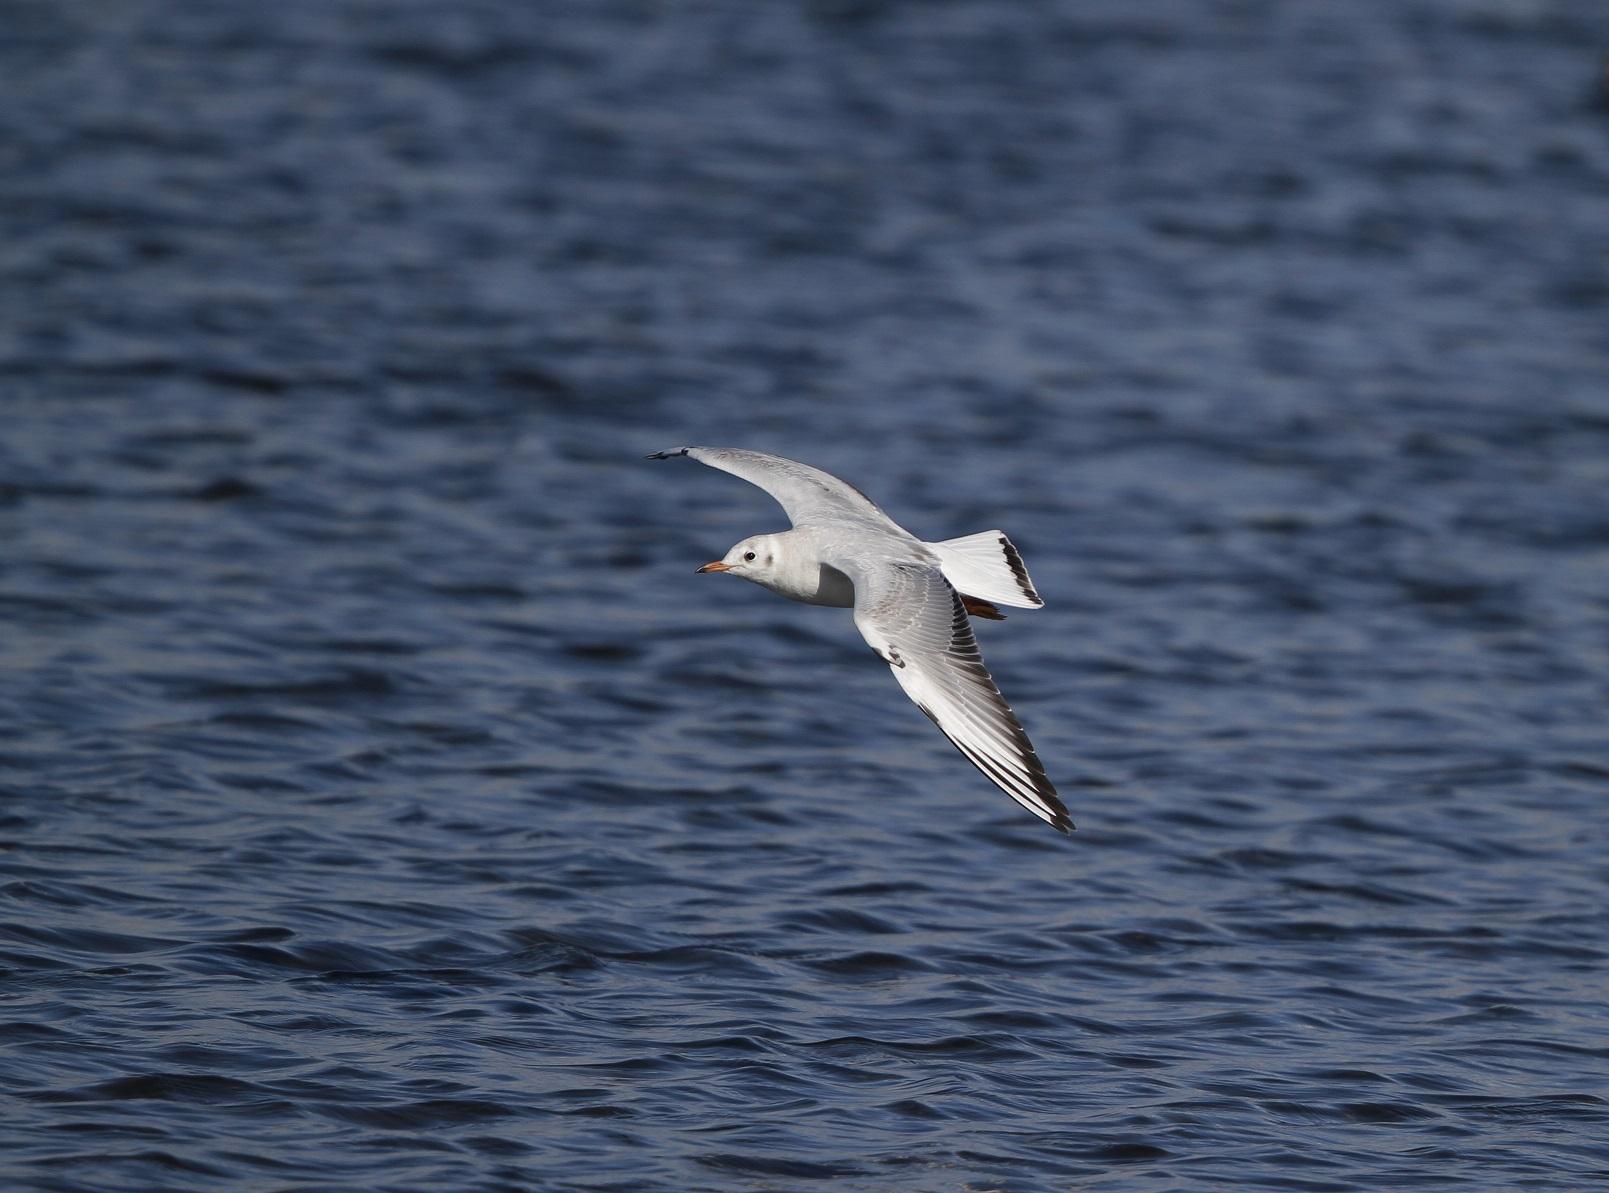 海無し県の沼でのユリカモメ_f0239515_21285286.jpg